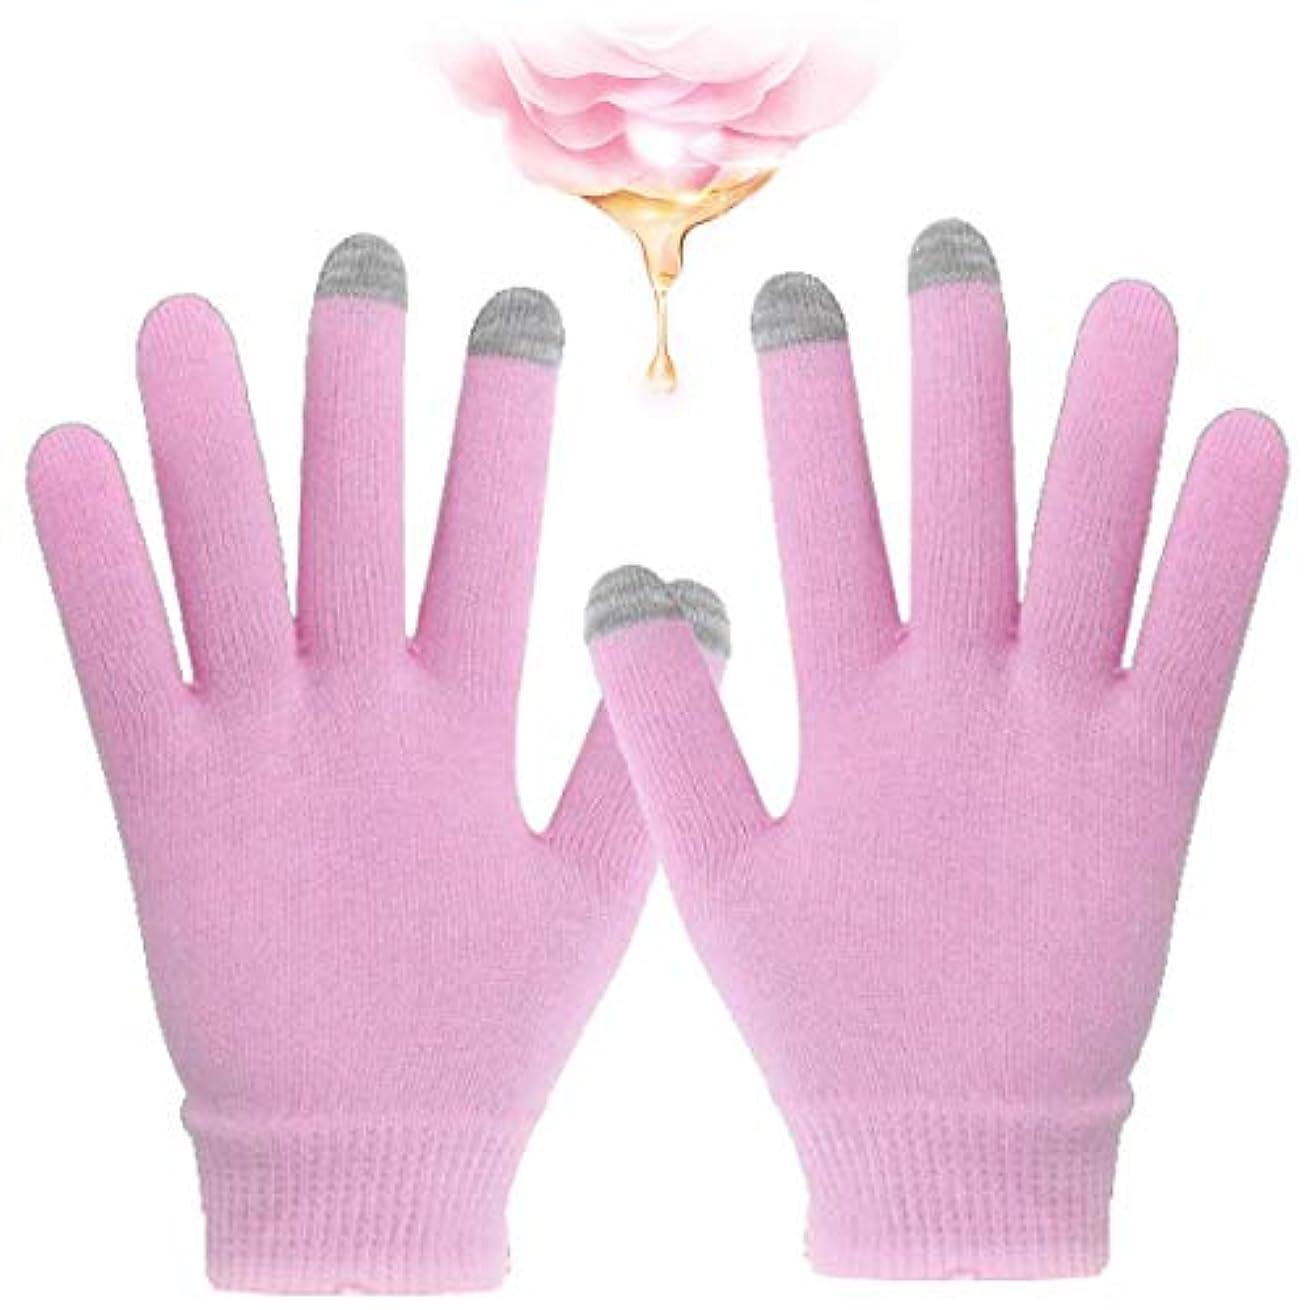 欠如死にかけている消化ハンドケア 手袋 スマホ対応 手袋 ゲル 保湿 美容成分配合 手荒れ 対策 おやすみ スキンケア グローブ うるおい 保護 タブレット